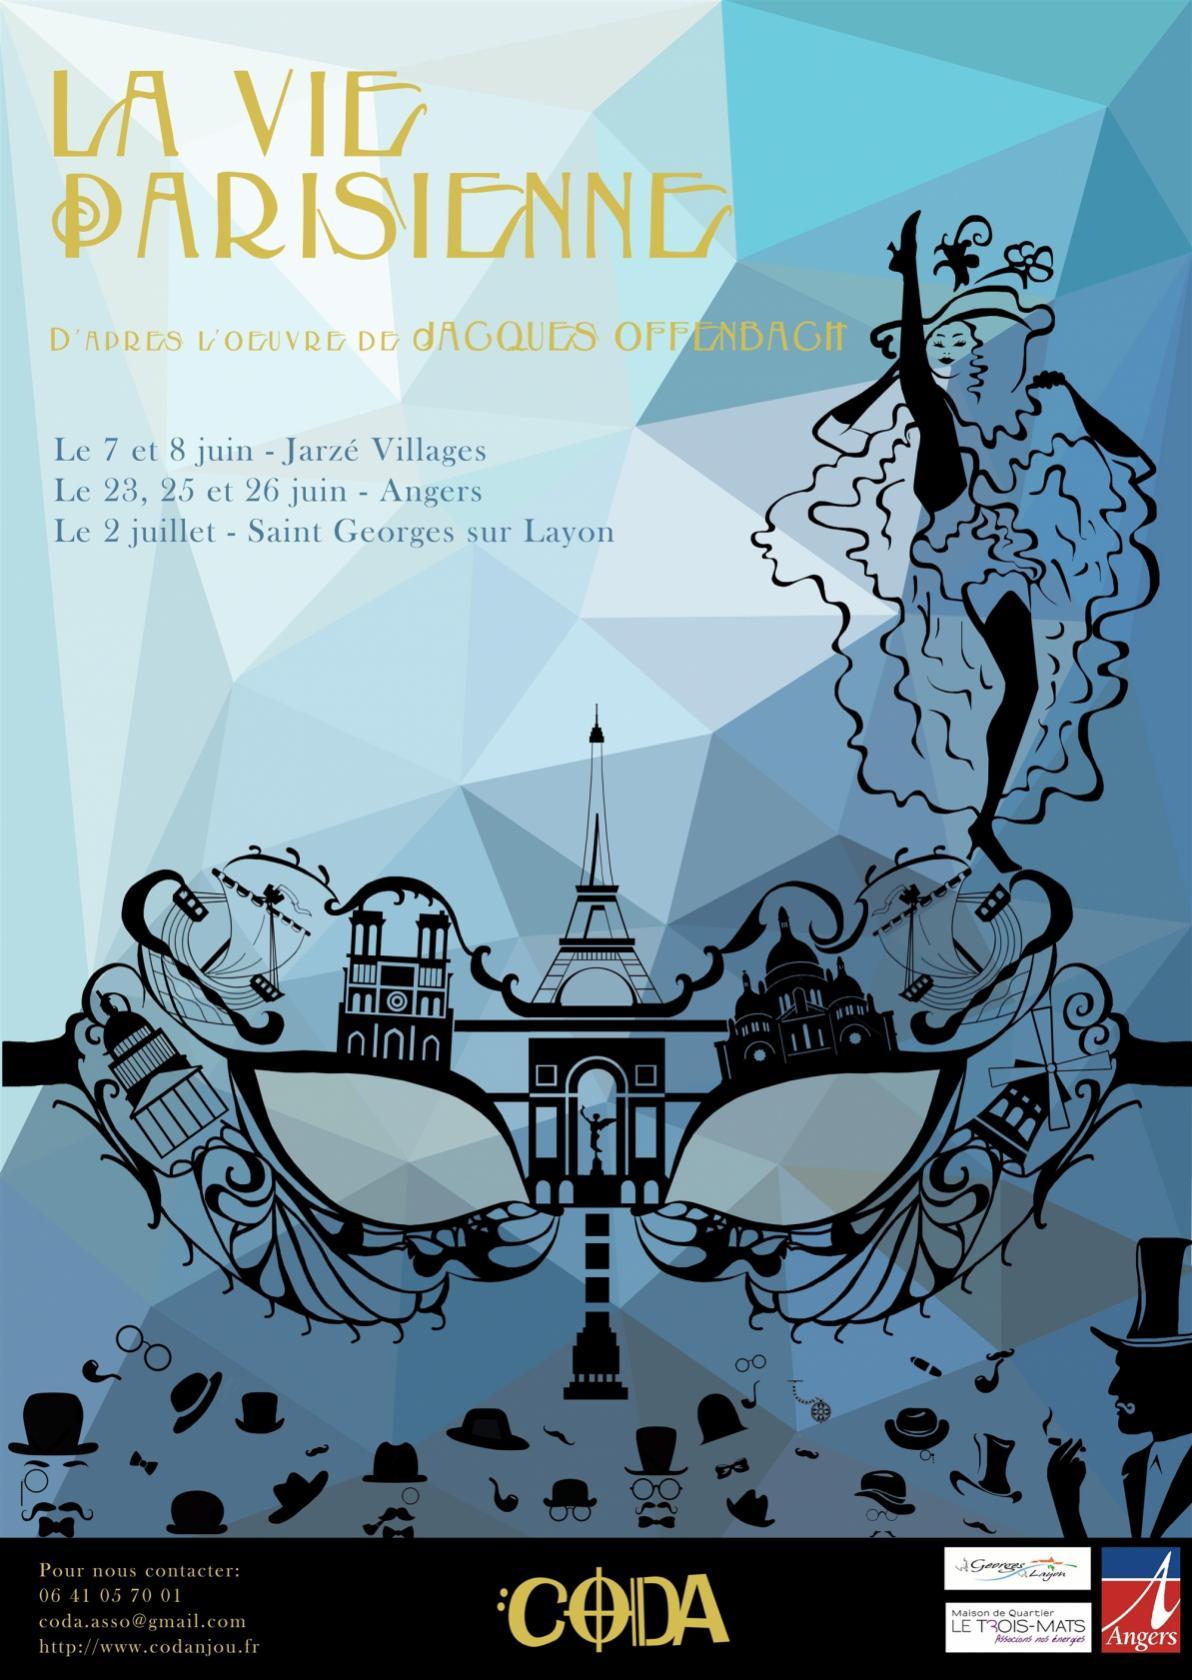 La vie Parisienne de Jacques Offenbach Saint-Georges-sur-Layon